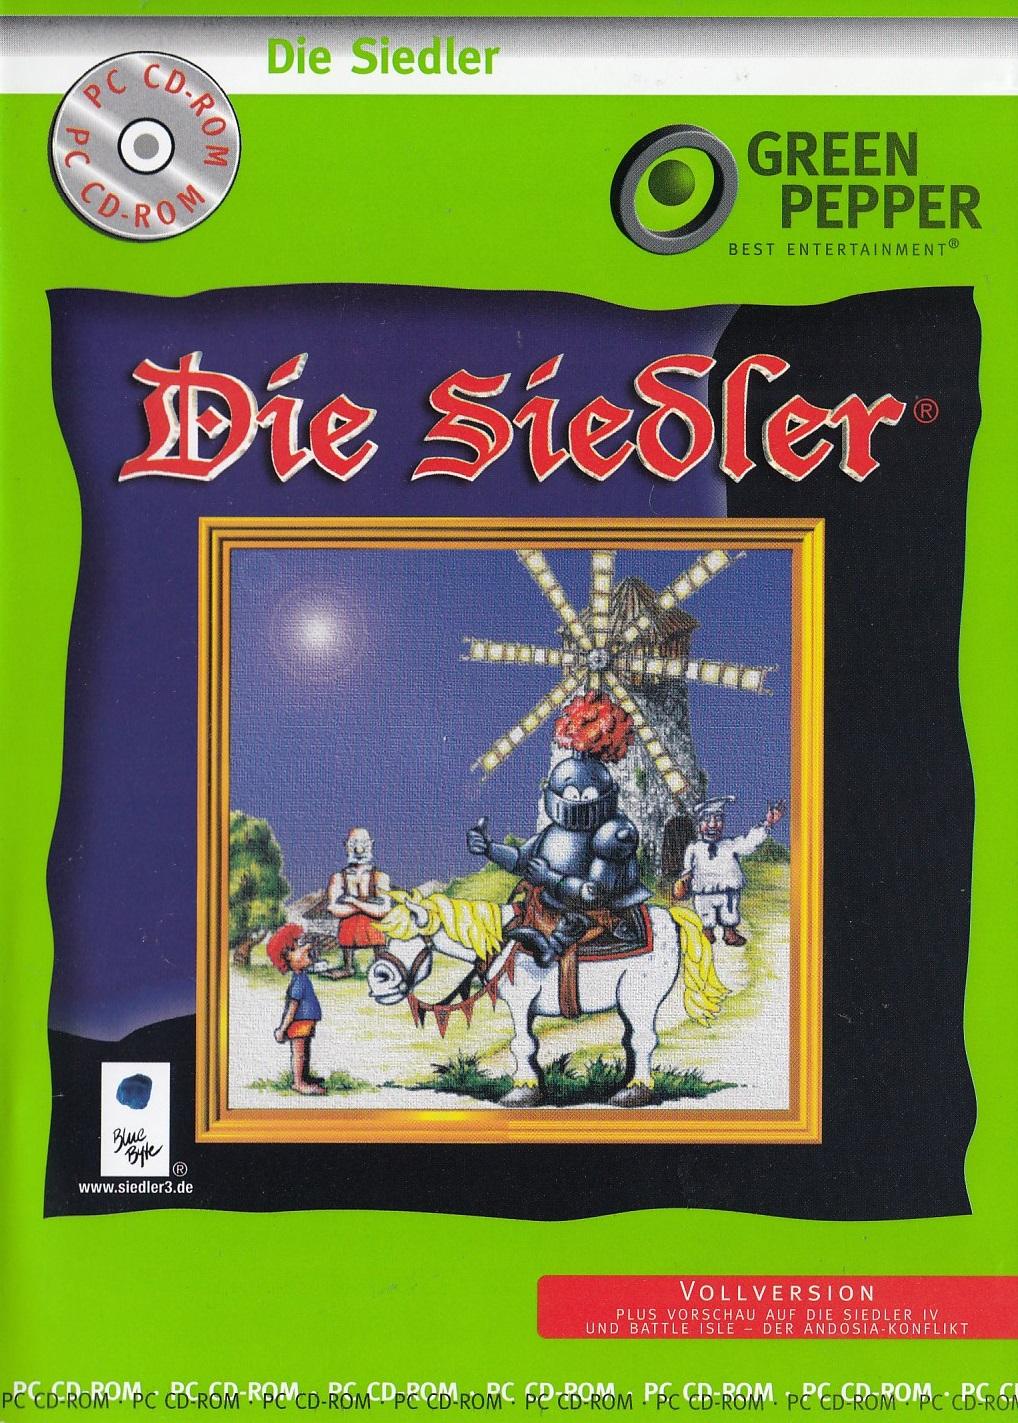 Die Siedler [Green Pepper]